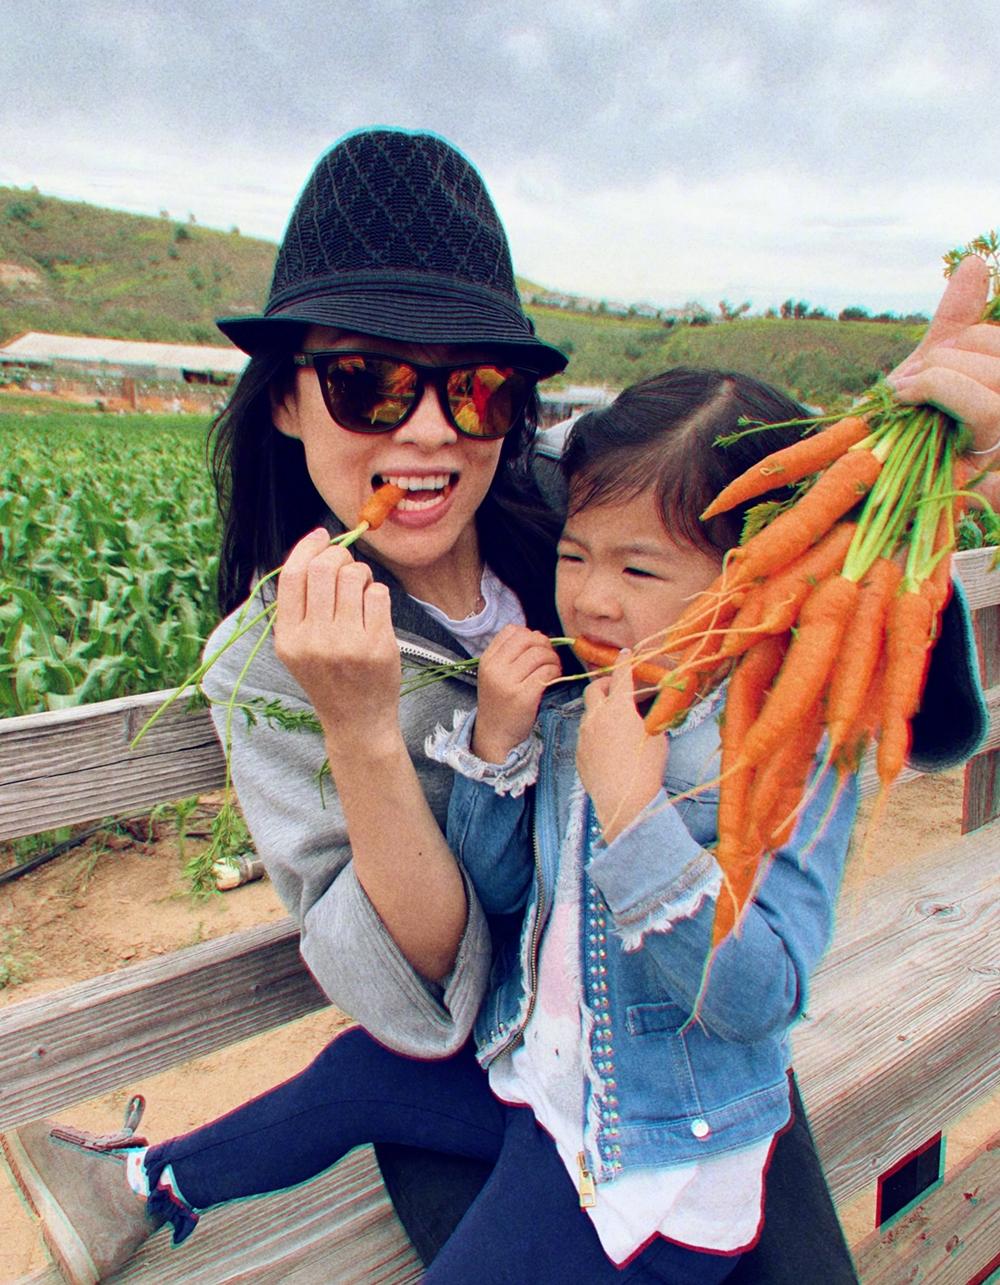 Uông Phong ghi lại khoảnh khắc vui của vợ và con. Khi có thời gian, cả gia đình sao cùng đi chơi, nếu quá bận rộn, họ sẽ đưa con đến trường quay thăm bố, mẹ.